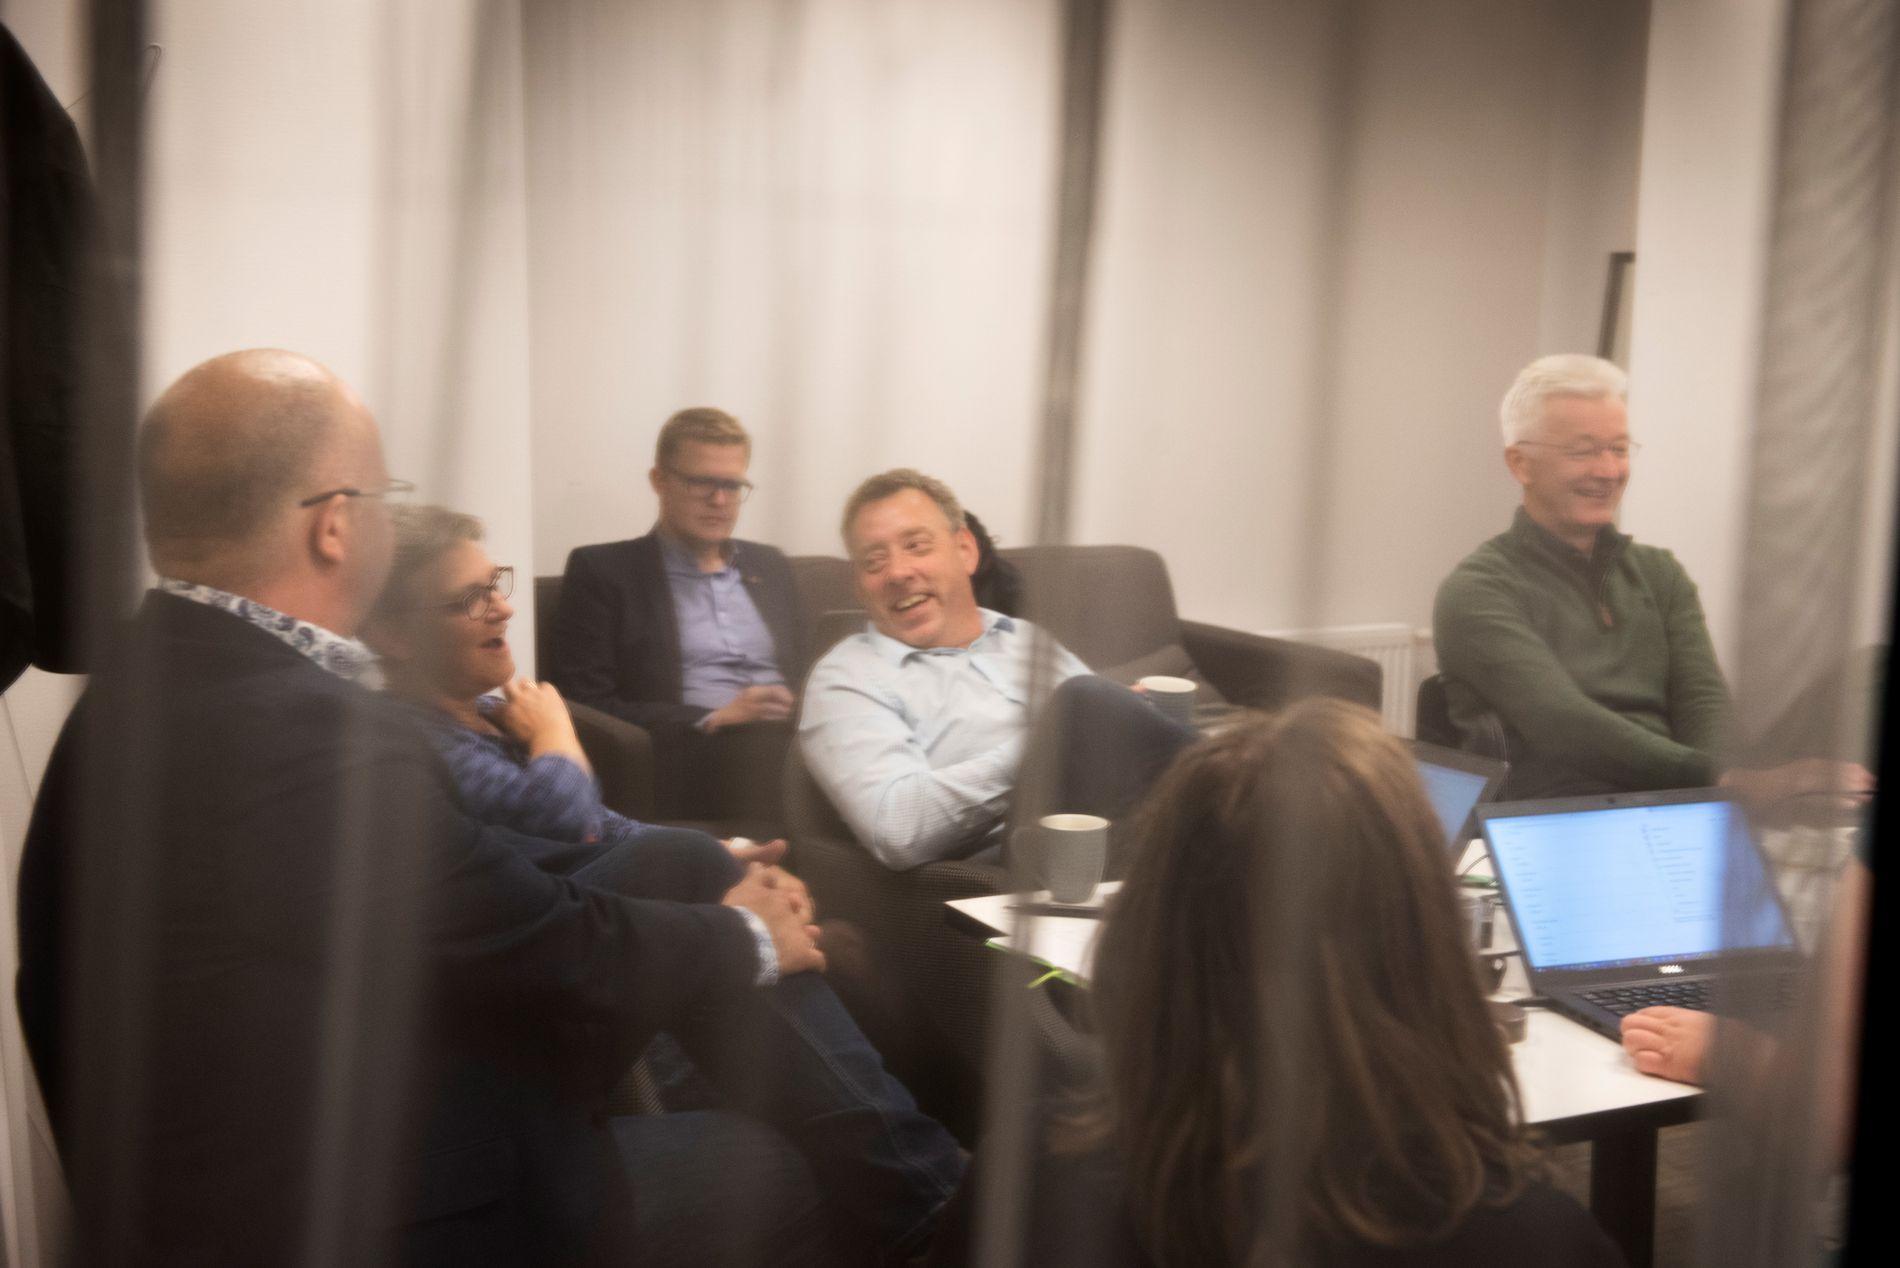 FORHANDLER: Slik så det ut da KrF og Sp møttes til sonderinger valgnatten. Nå er det seks partier som forhandler om samarbeid i fylket. Fra venstre Sigurd Reksnes (Sp), Trude Brosvik (KrF), Pål Kårbø (KrF), Stein Robert Osdal (KrF) og Jon Askeland (Sp).